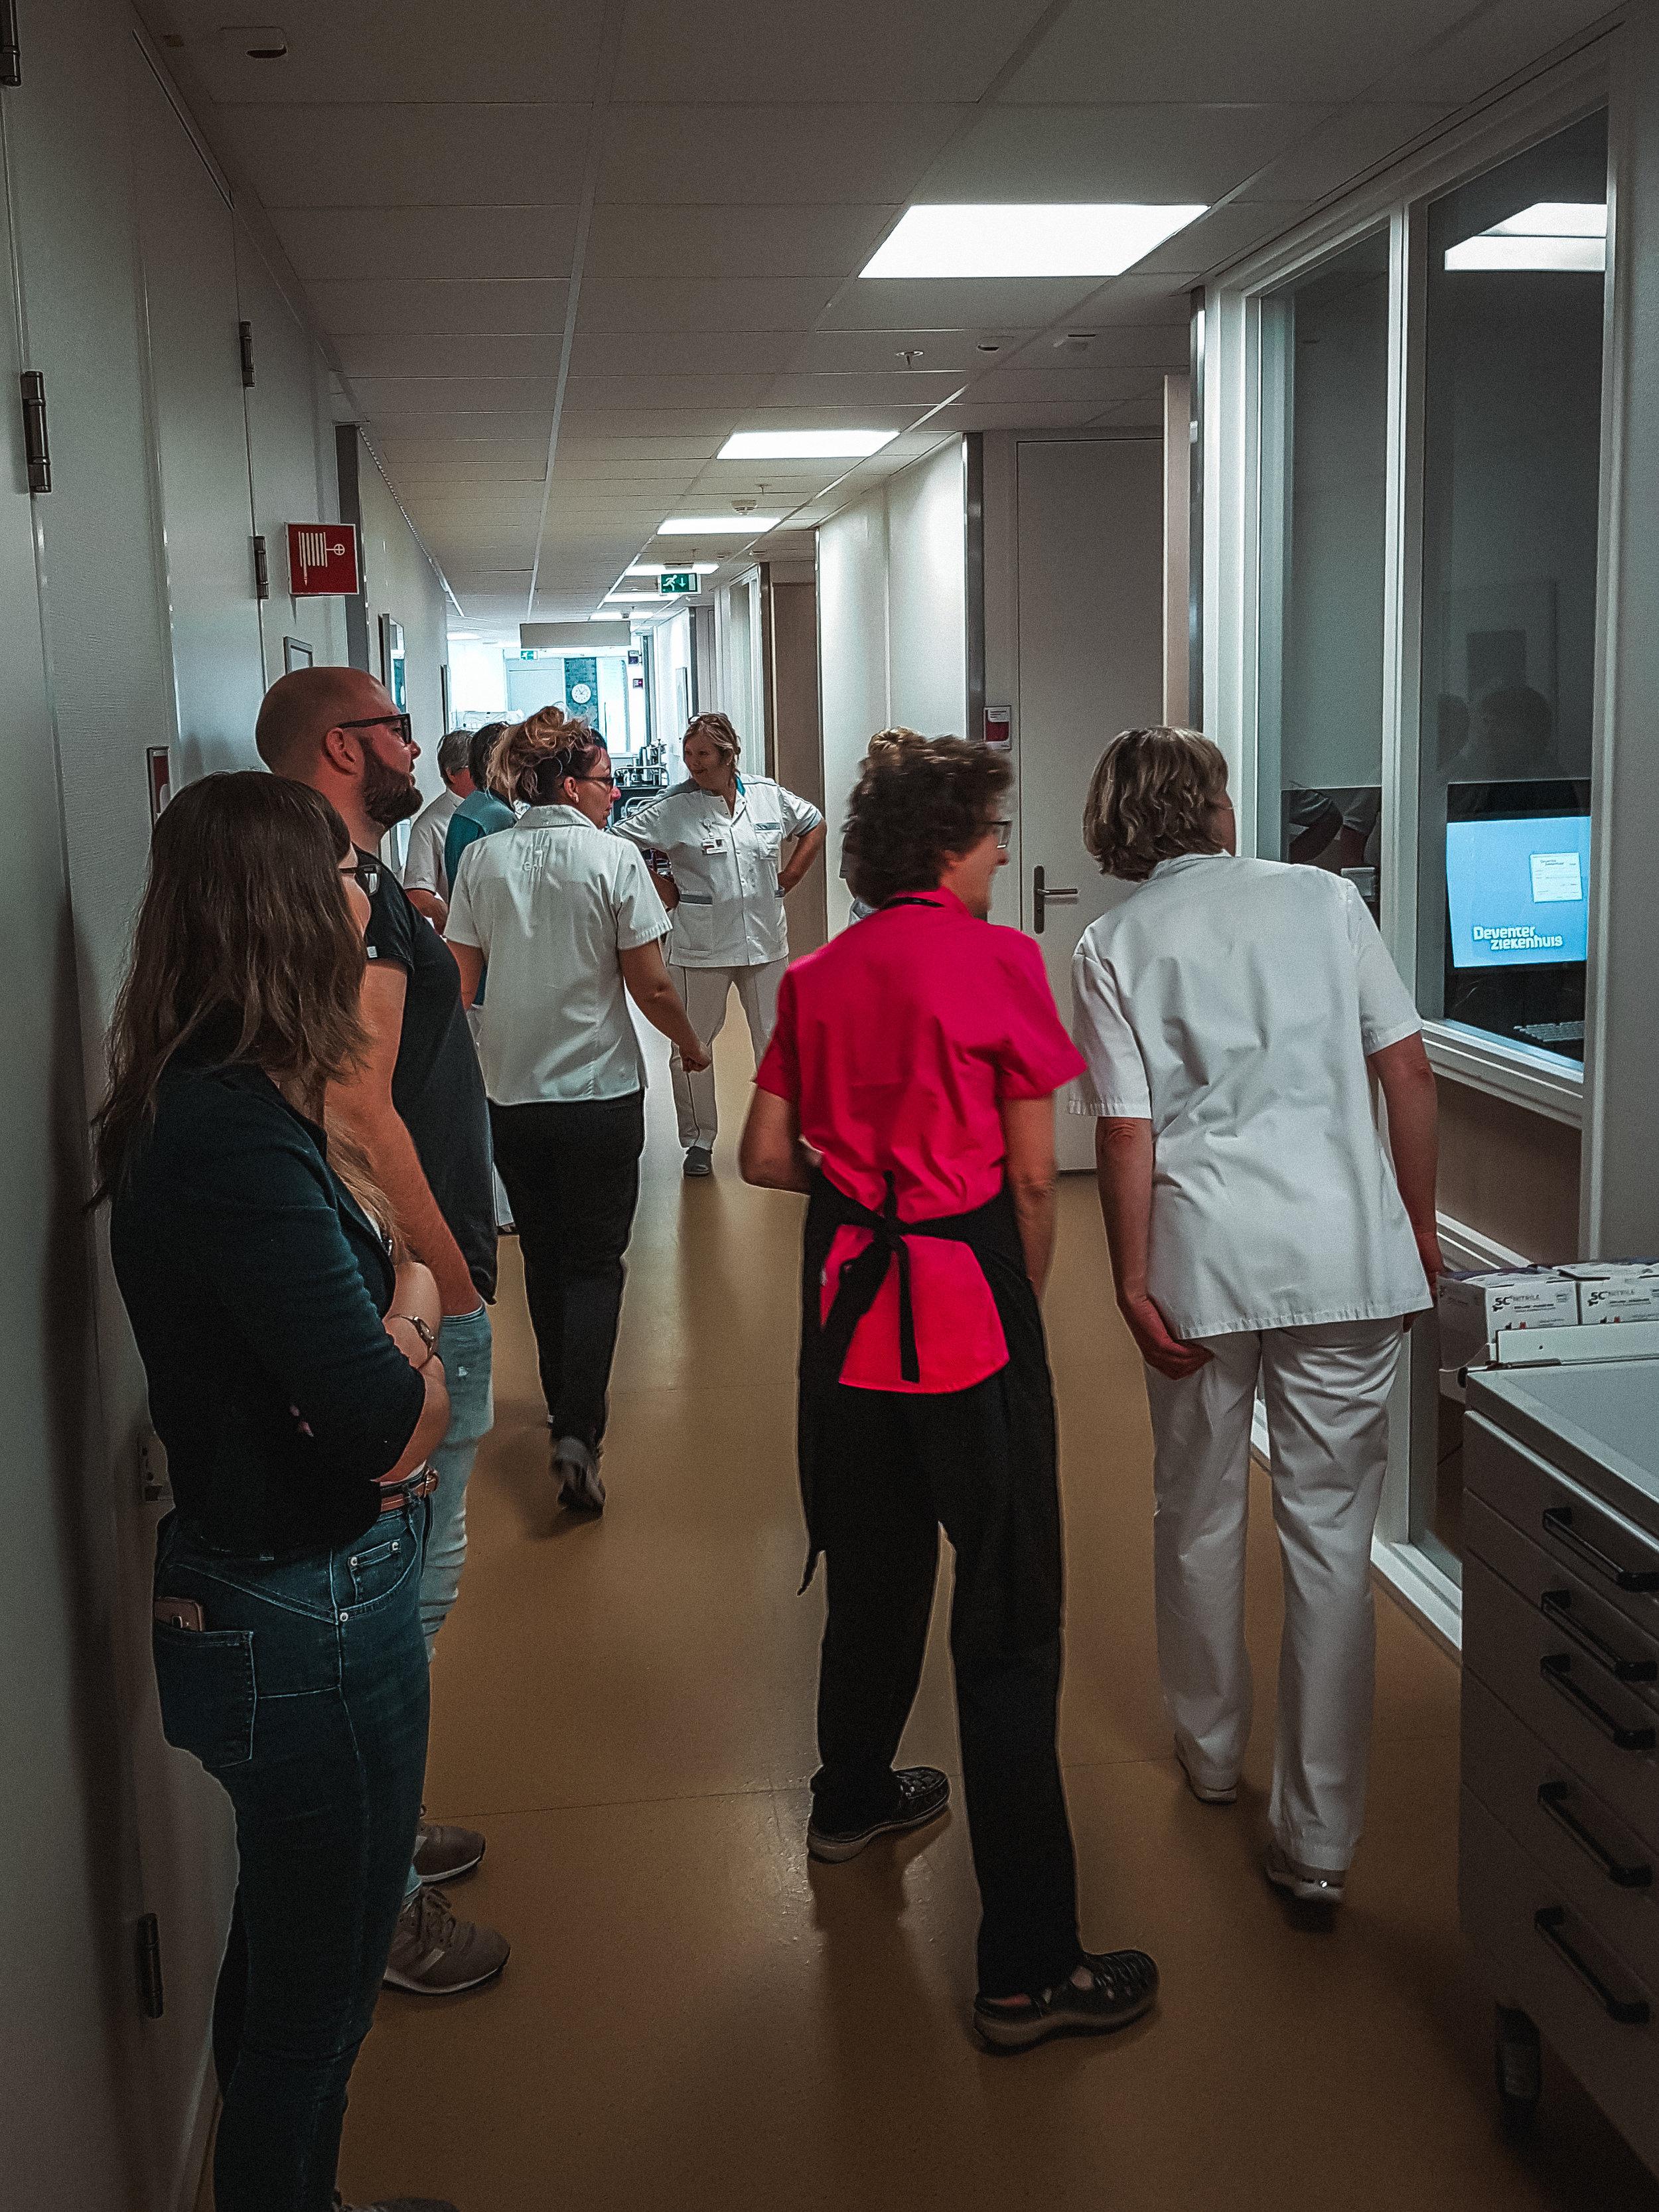 Cliniclowns brengen positiviteit op een afdeling waar vooral verdriet aanwezig is. Ook de verpleging heeft voor een moment afleiding van de zwaarte van hun werk. -